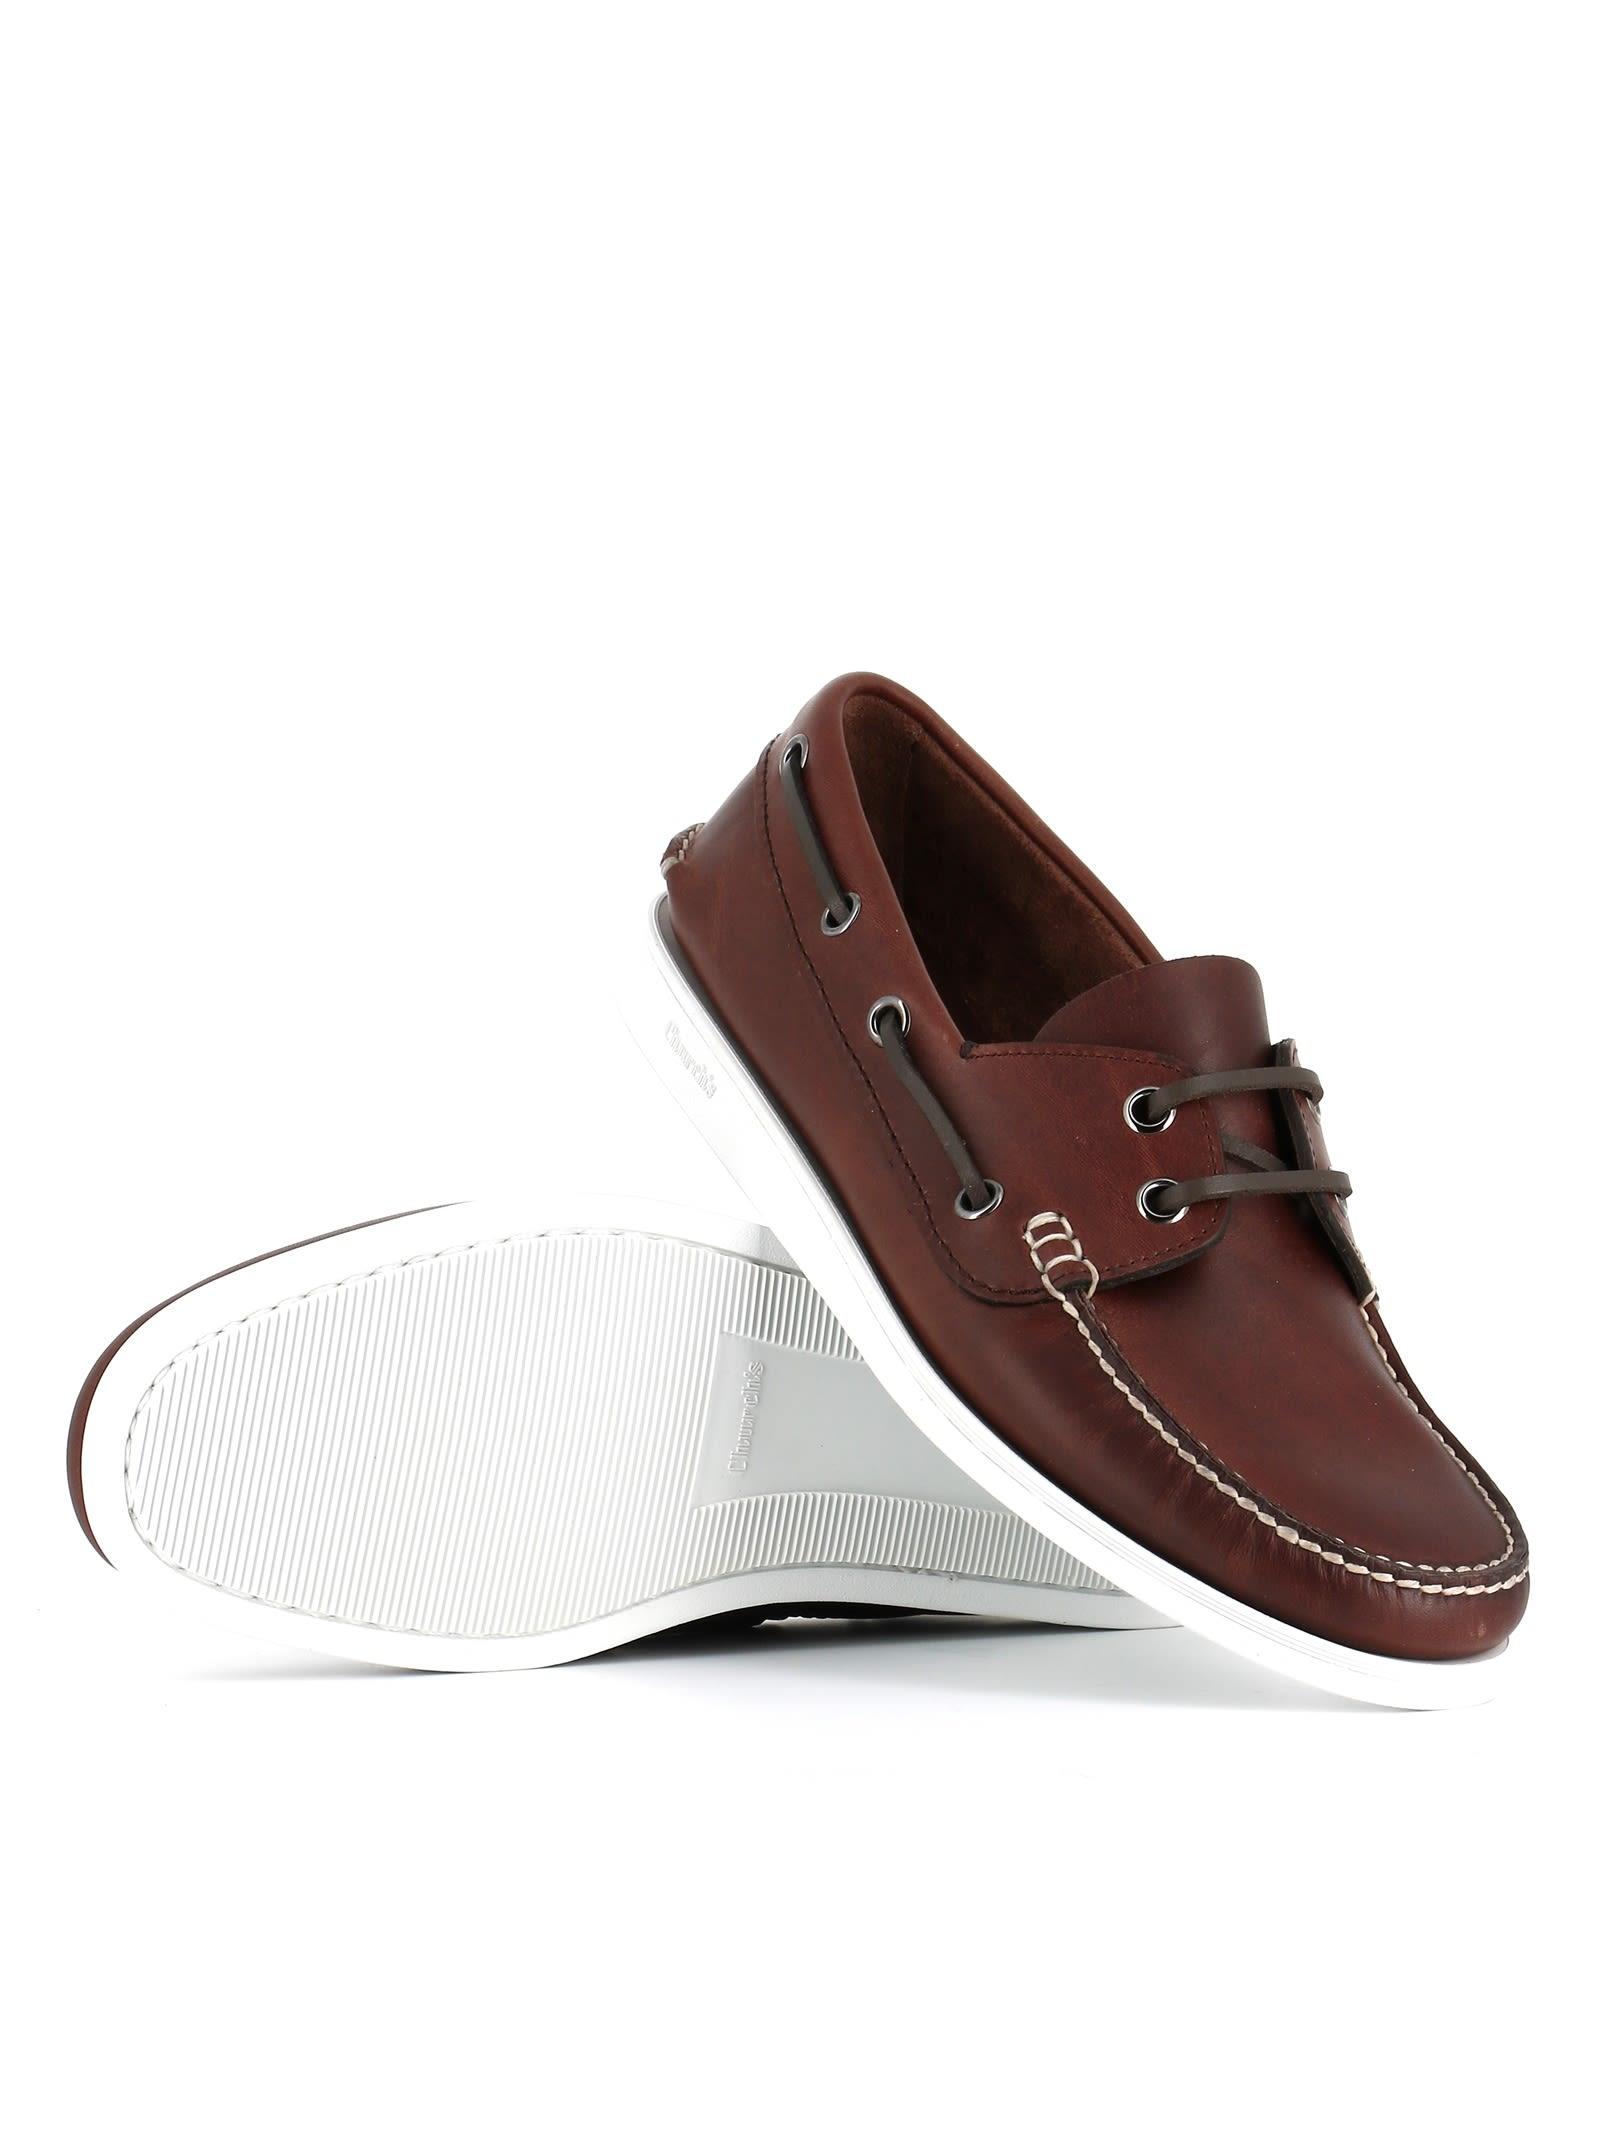 Chaussures Bateau De Marske De Edibo De L'église - Marron f1MQk5bHl